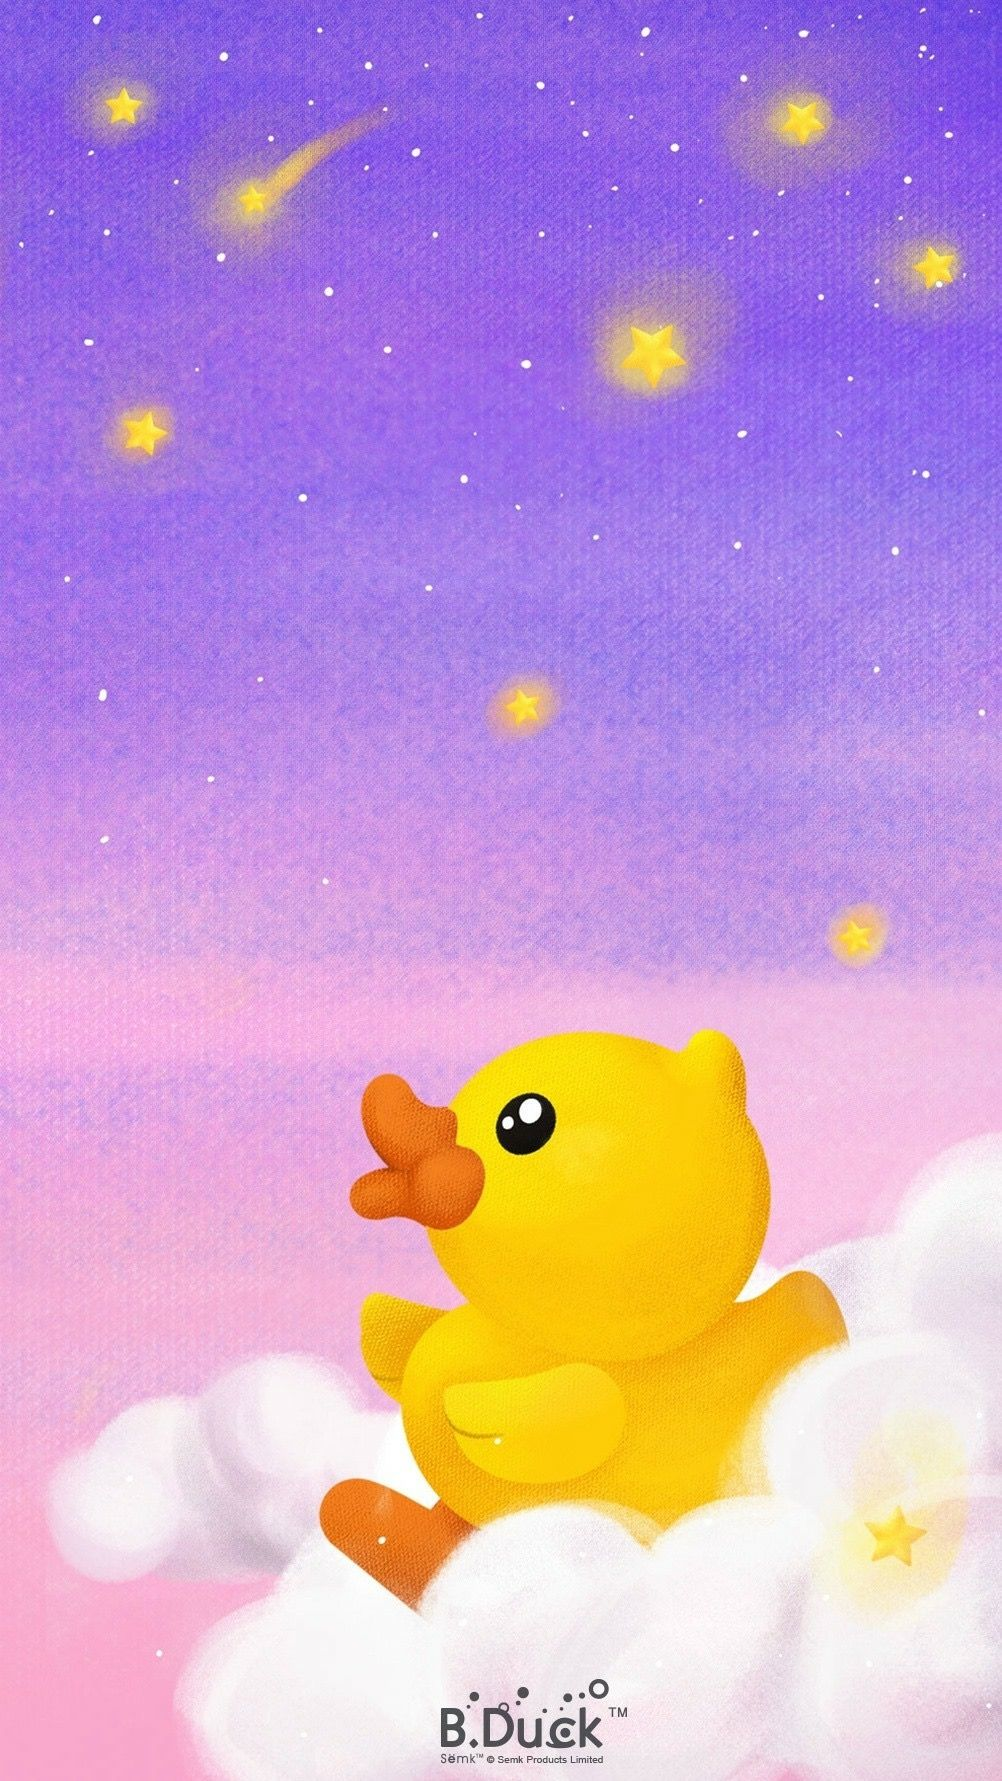 D Duck โปสเตอร ภาพ ภาพวาดด สน ย ร ปส ตว น าร ก